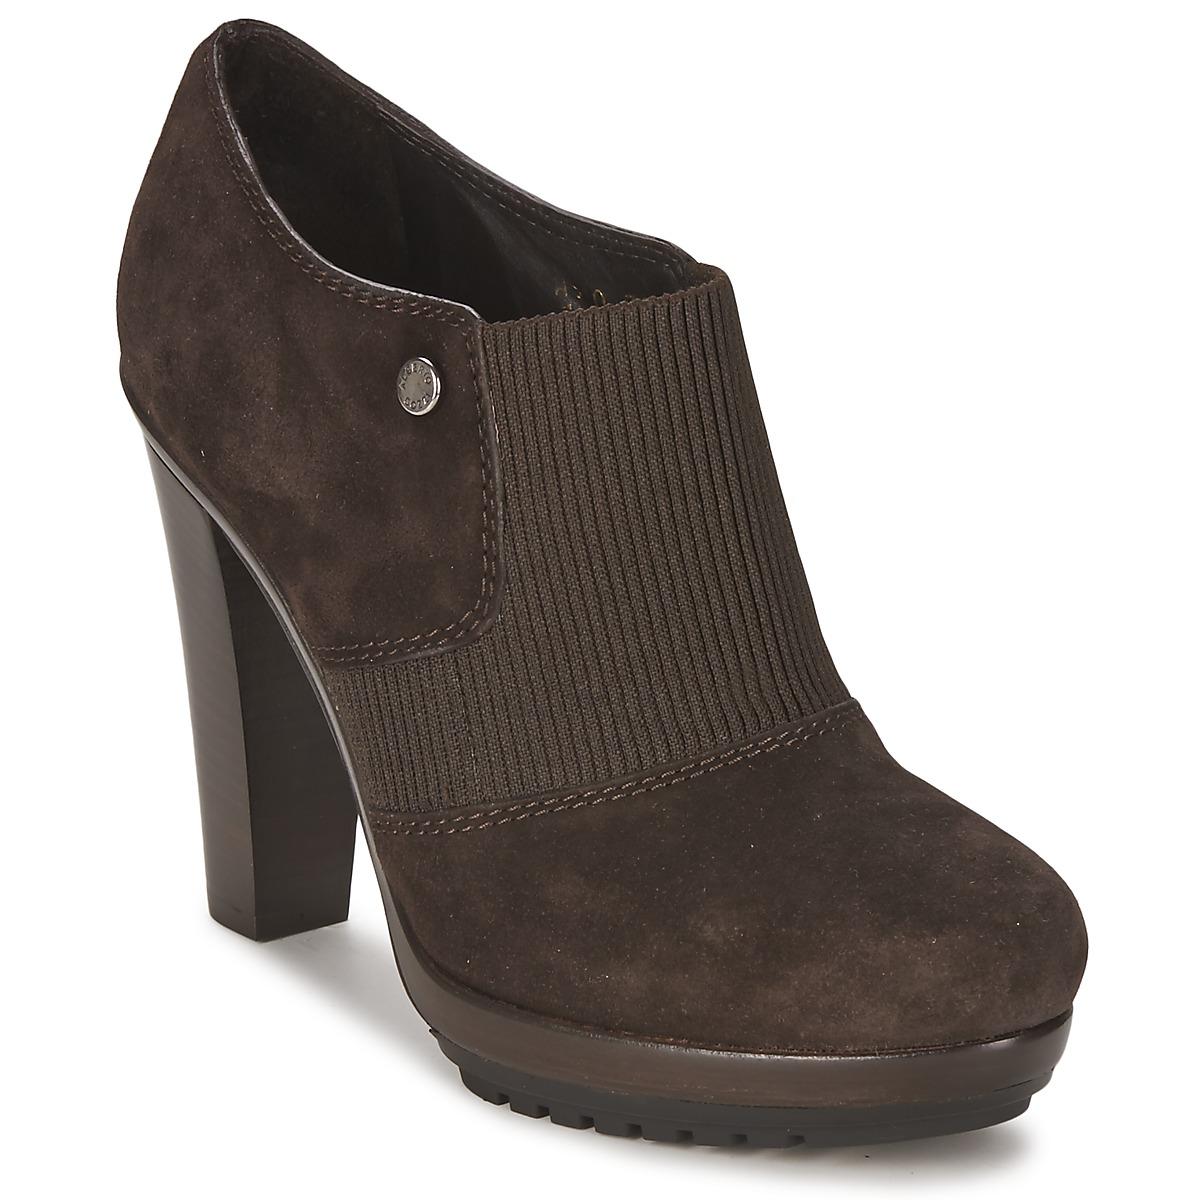 Alberto Gozzi SOFTY MEDRA Braun - Kostenloser Versand bei Spartoode ! - Schuhe Ankle Boots Damen 119,50 €